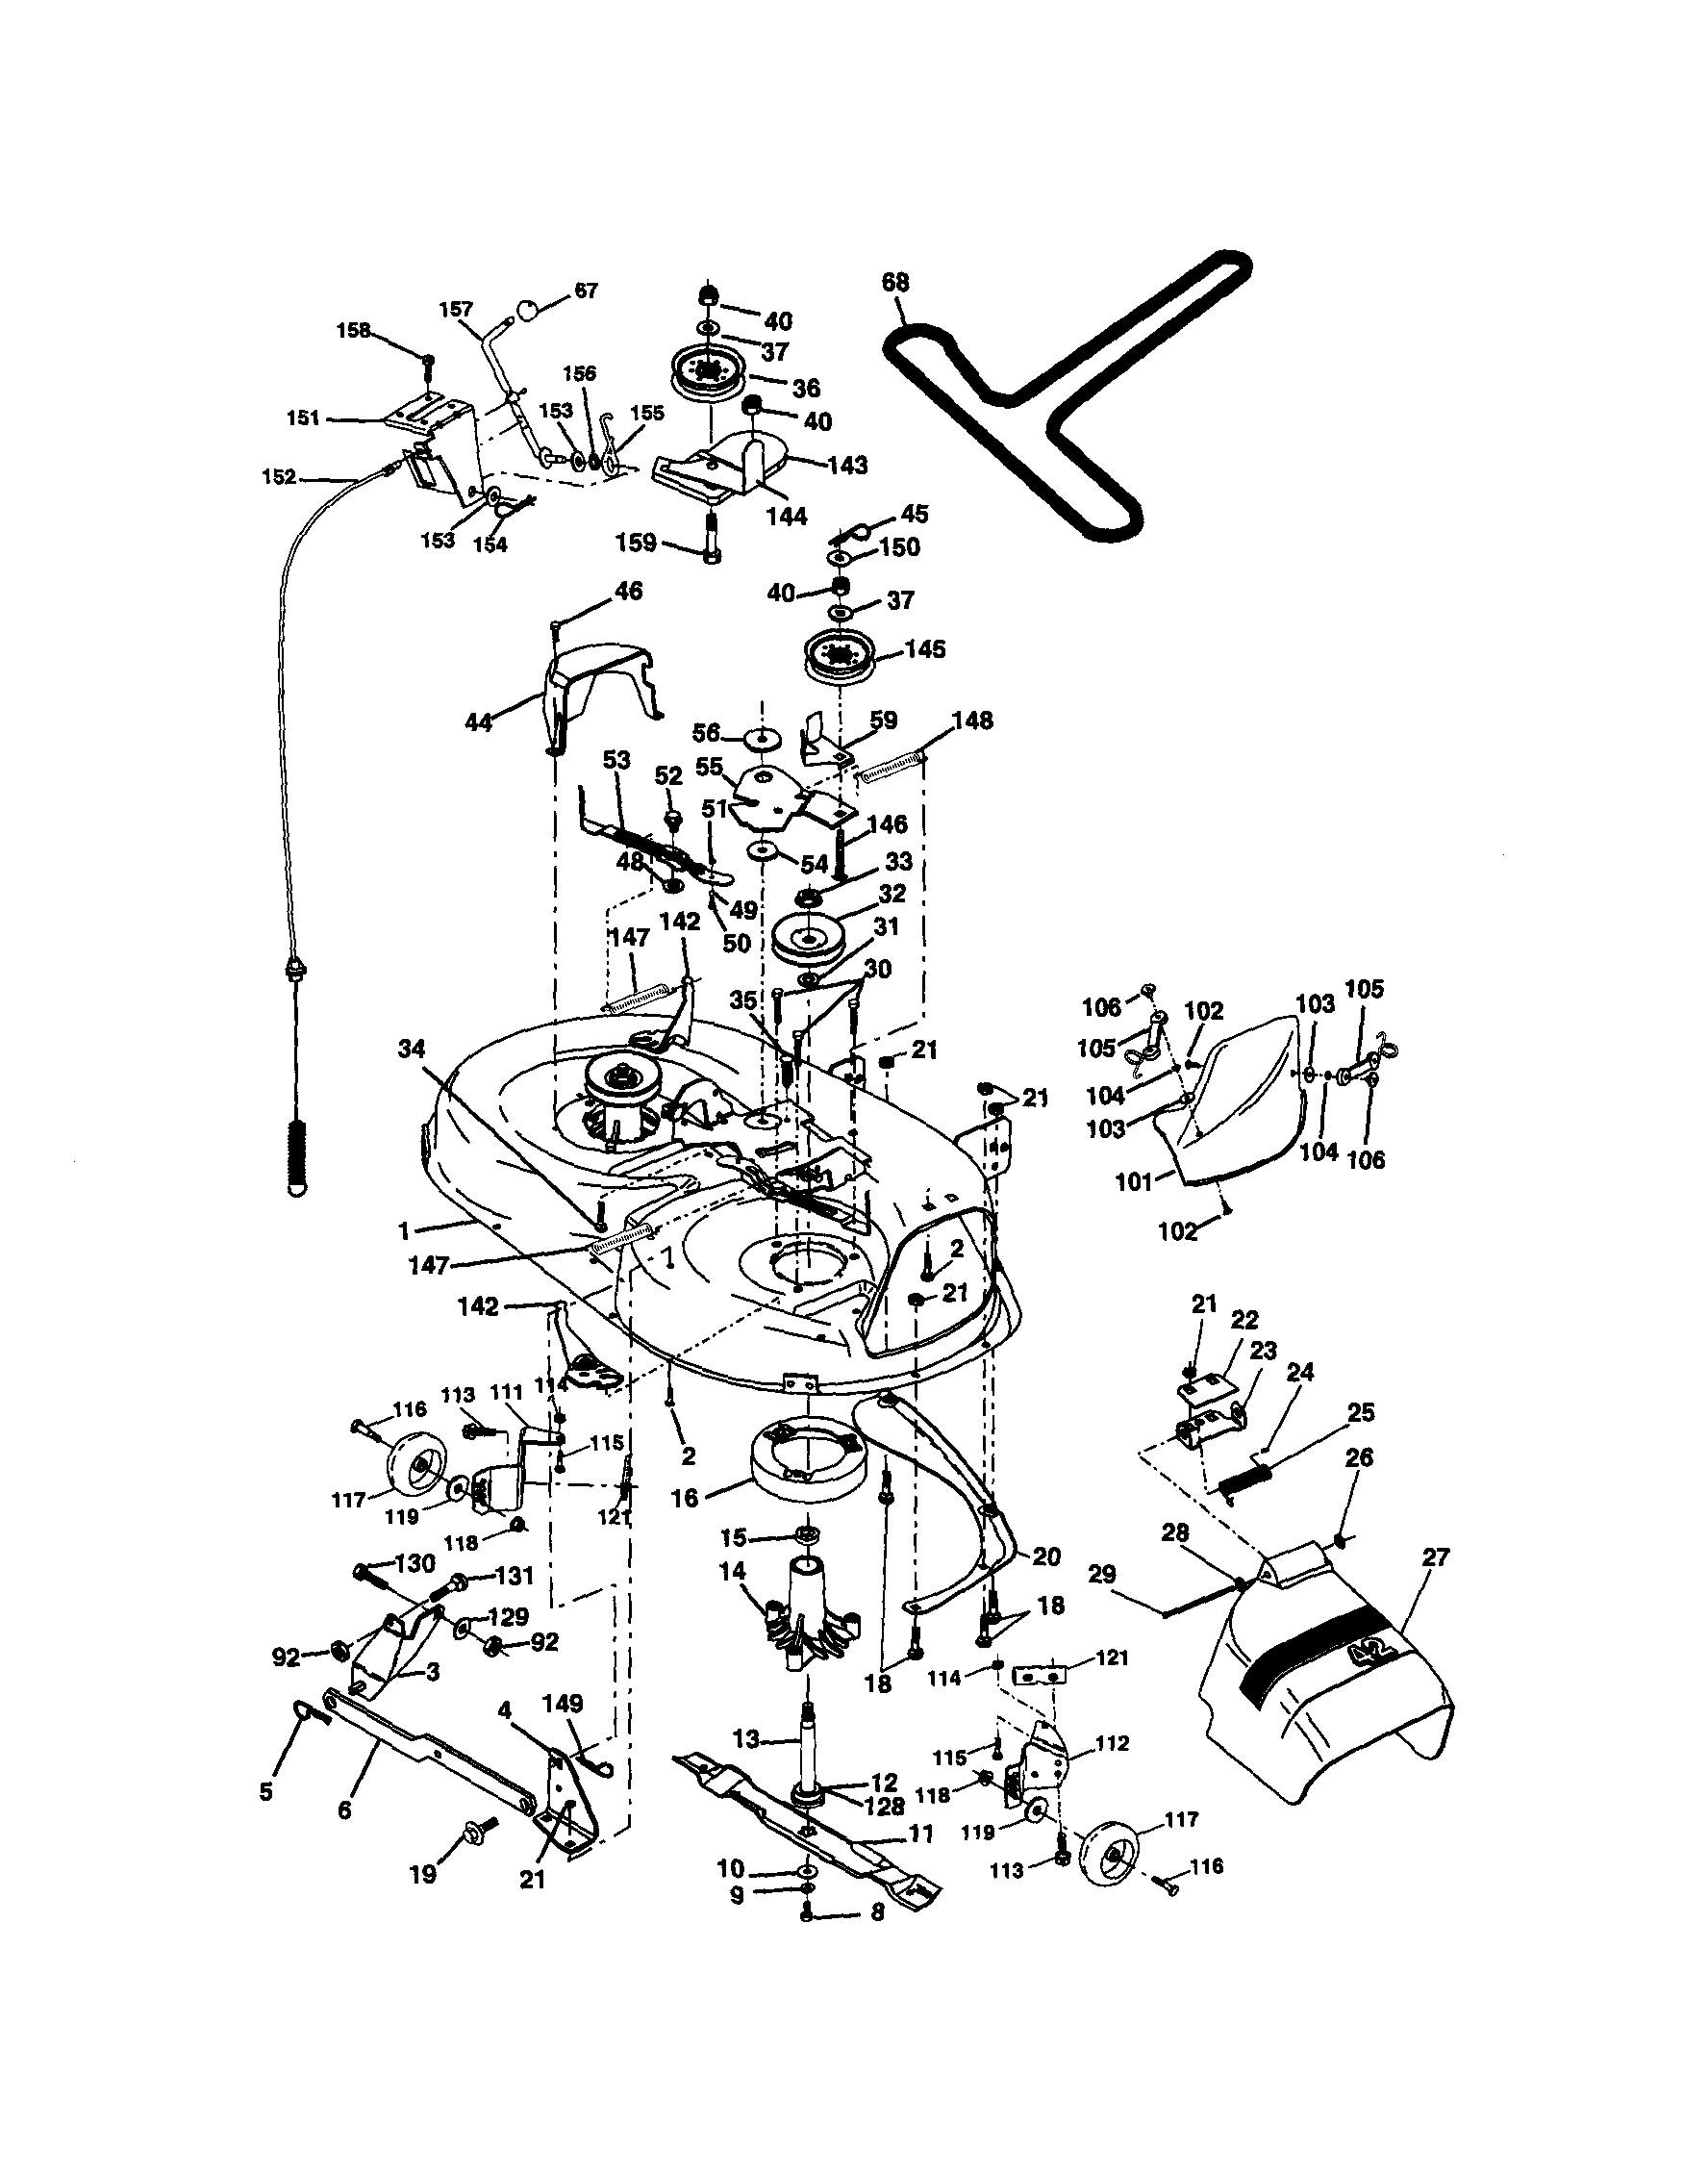 Craftsman Lawn Tractor Parts Diagram Craftsman Model Lawn Tractor Genuine Parts Of Craftsman Lawn Tractor Parts Diagram